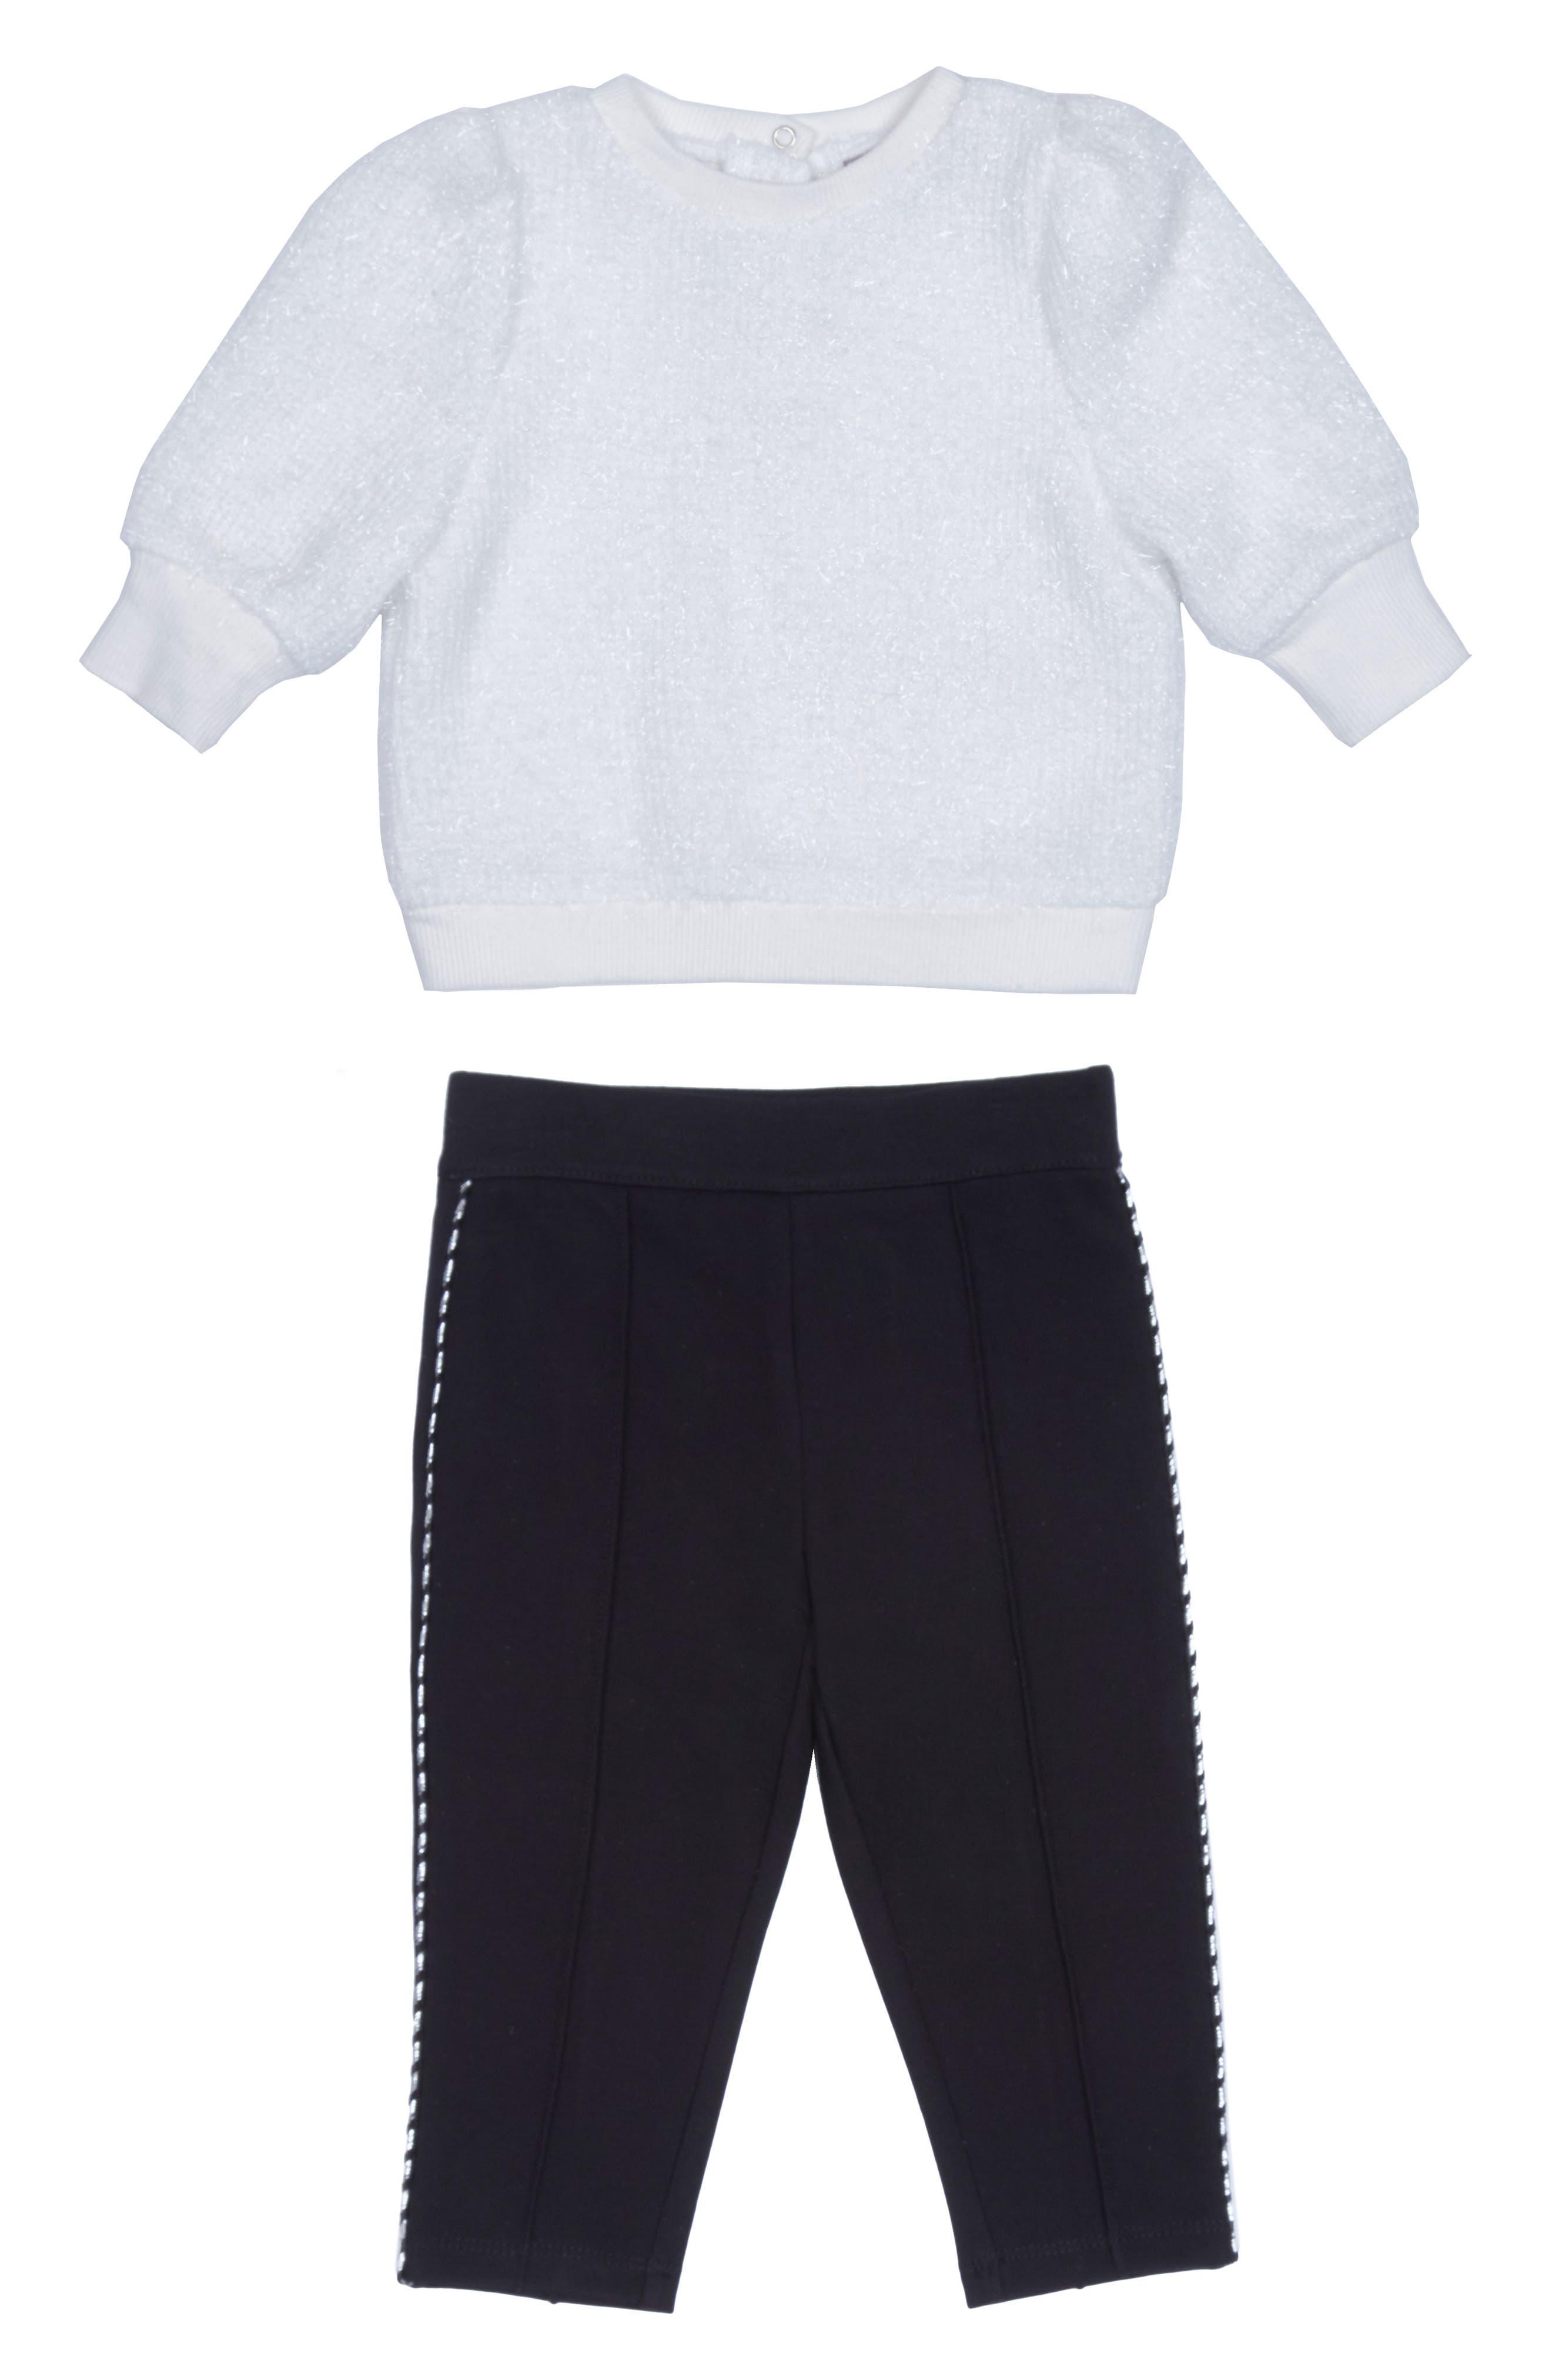 Image of Habitual Kids Kori Fuzzy Knit Sweater 2-Piece Set